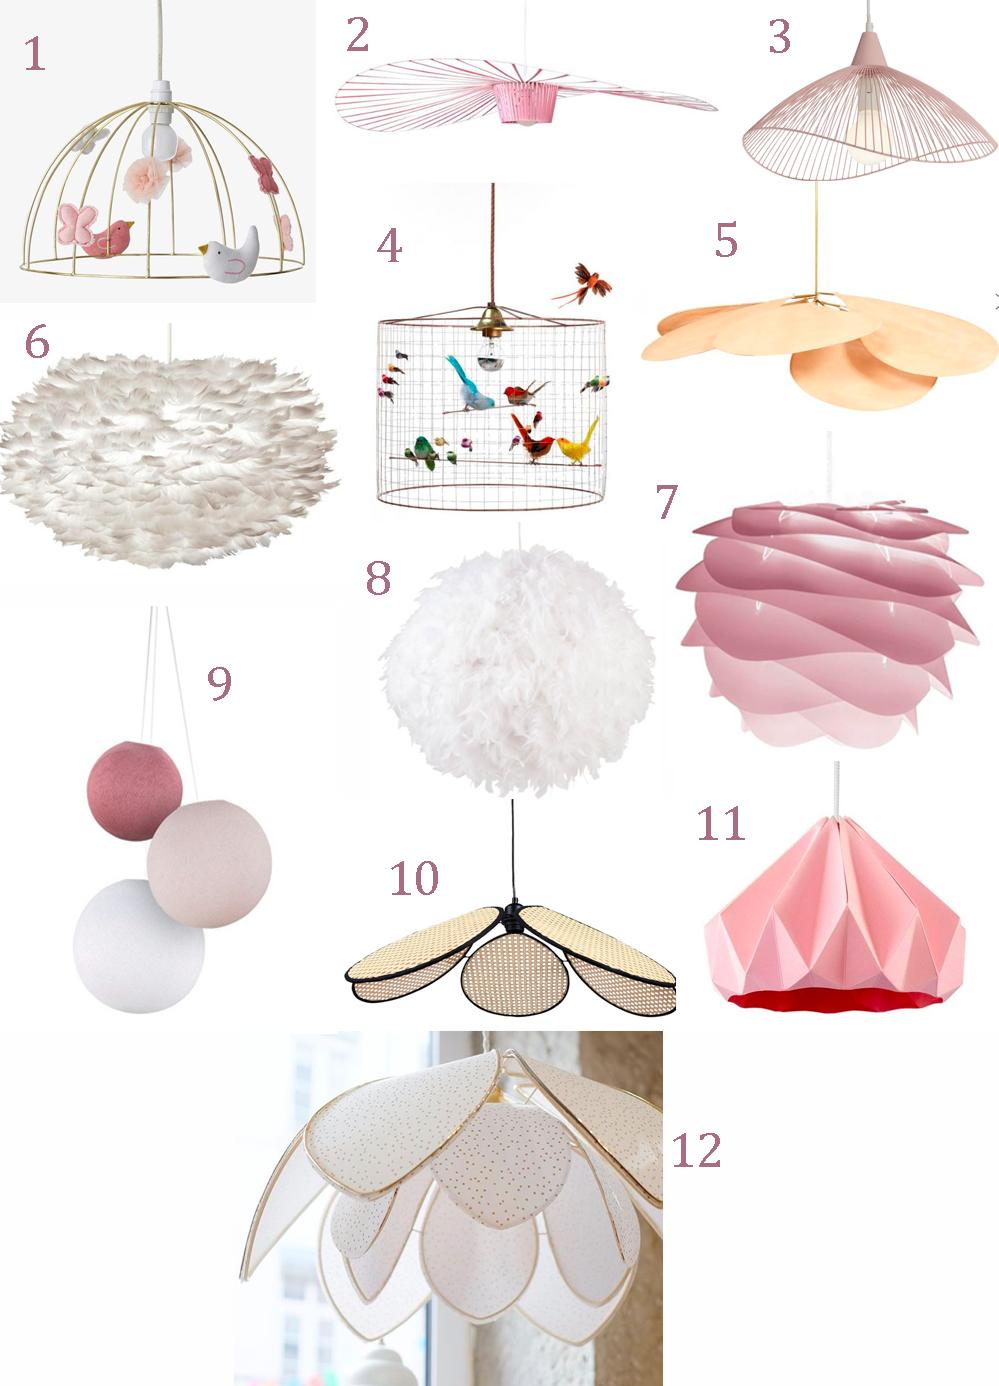 Suspension chambre enfant (fille) / Les tendances by Marina - Blog